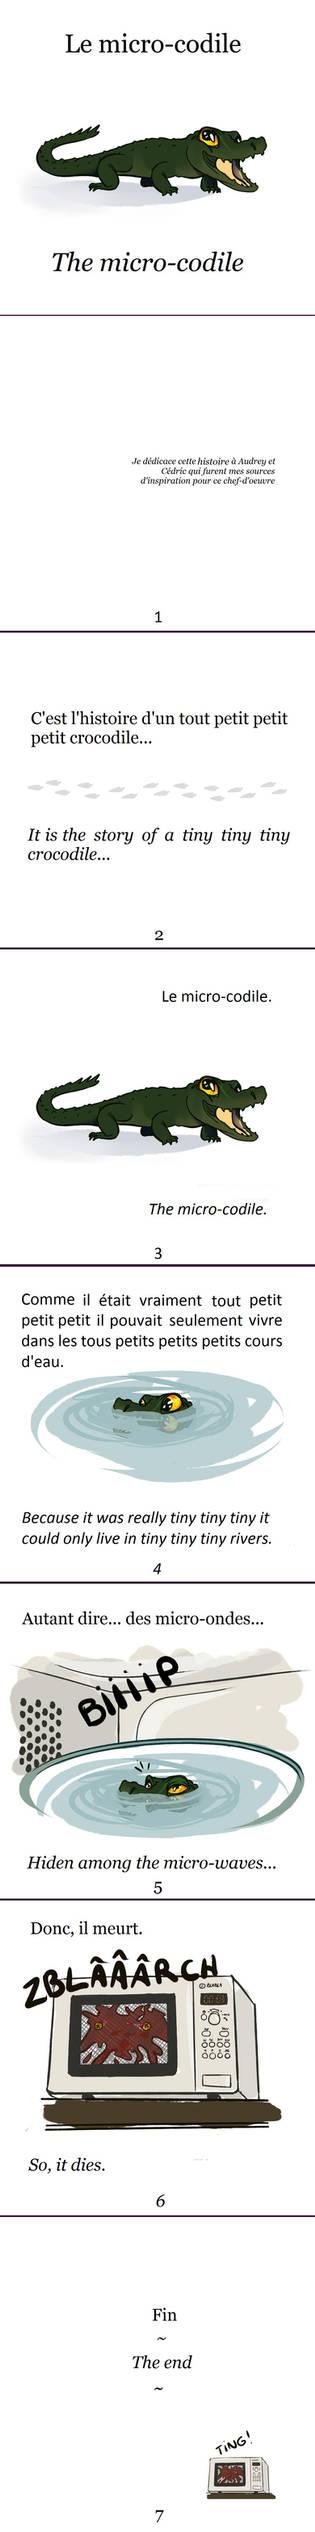 Le Microcodile